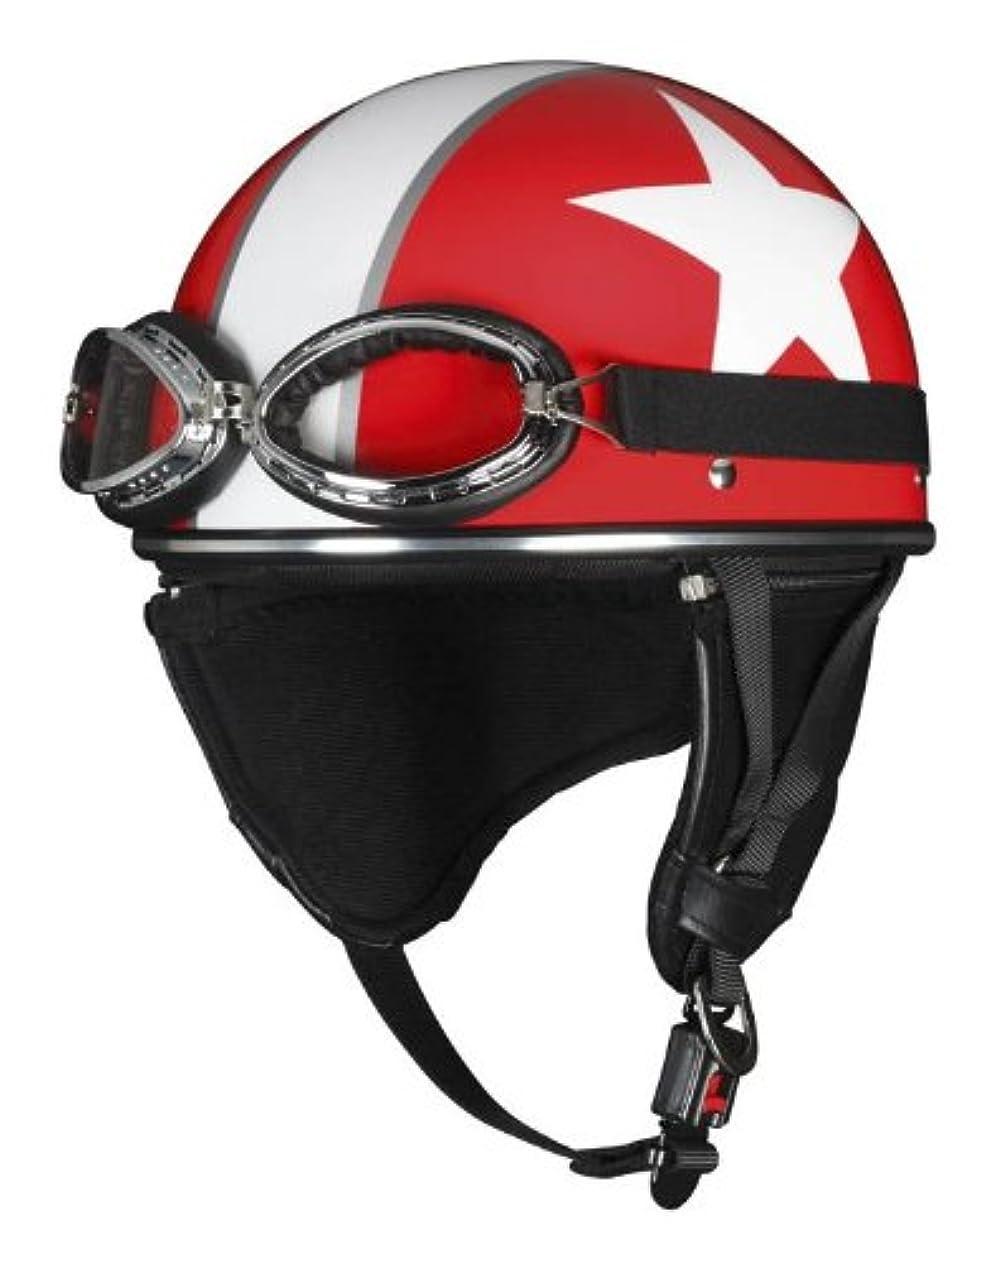 実験ディレクトリマーキーバイガルー(By Garoo) ヴィンテージヘルメット ホワイトスター レッド 【サイズ:約57-60cm】 BH-13R